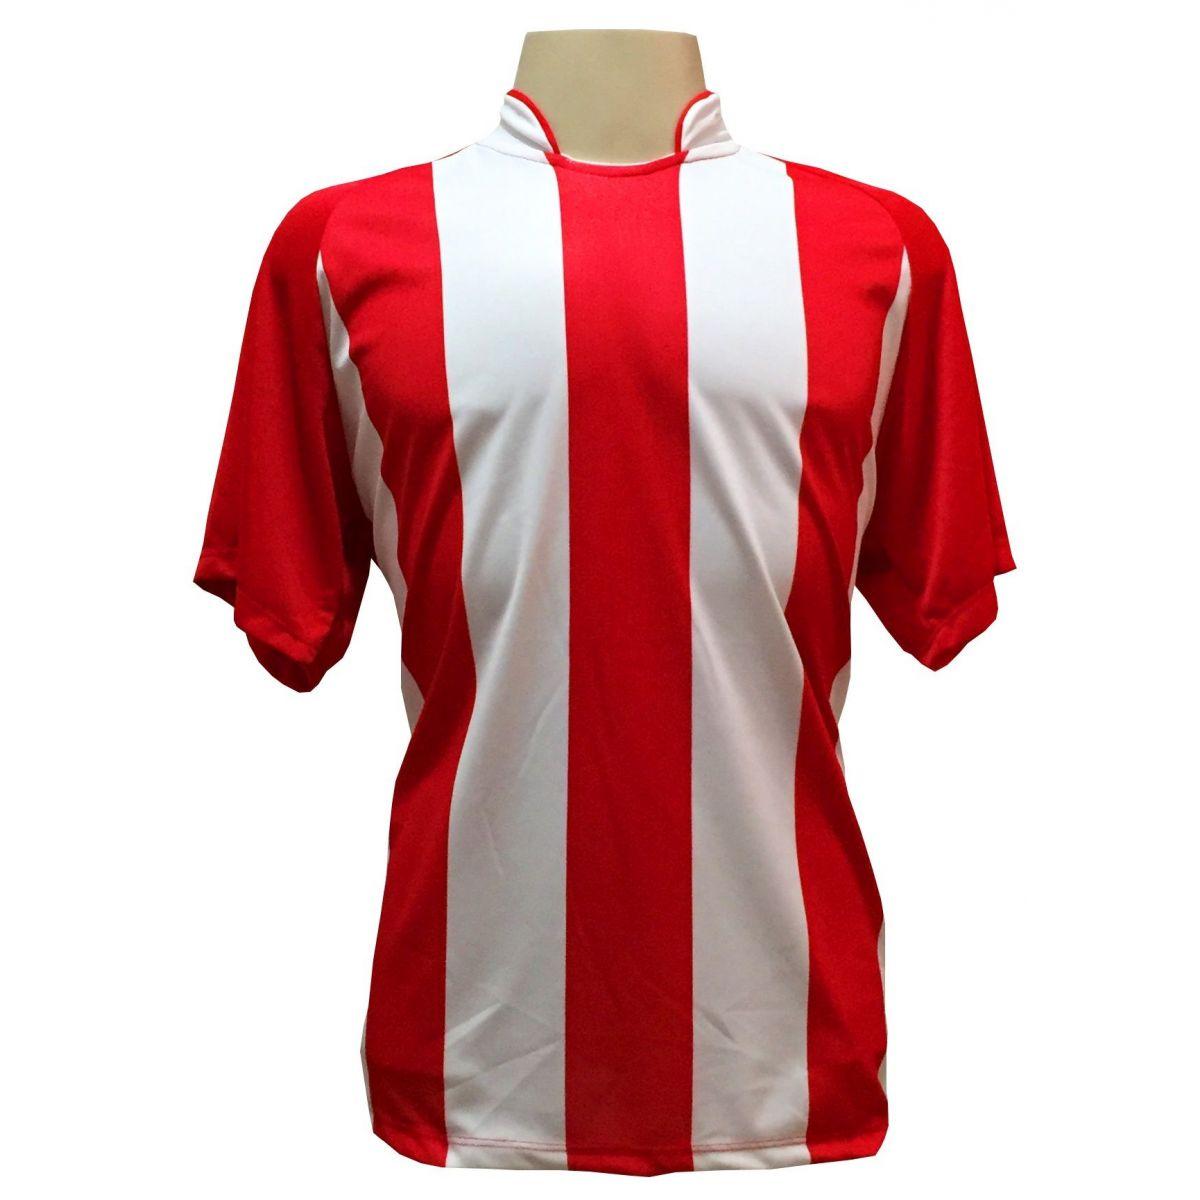 Uniforme Esportivo com 18 camisas modelo Milan Vermelho/Branco + 18 calções modelo Madrid Vermelho + Brindes